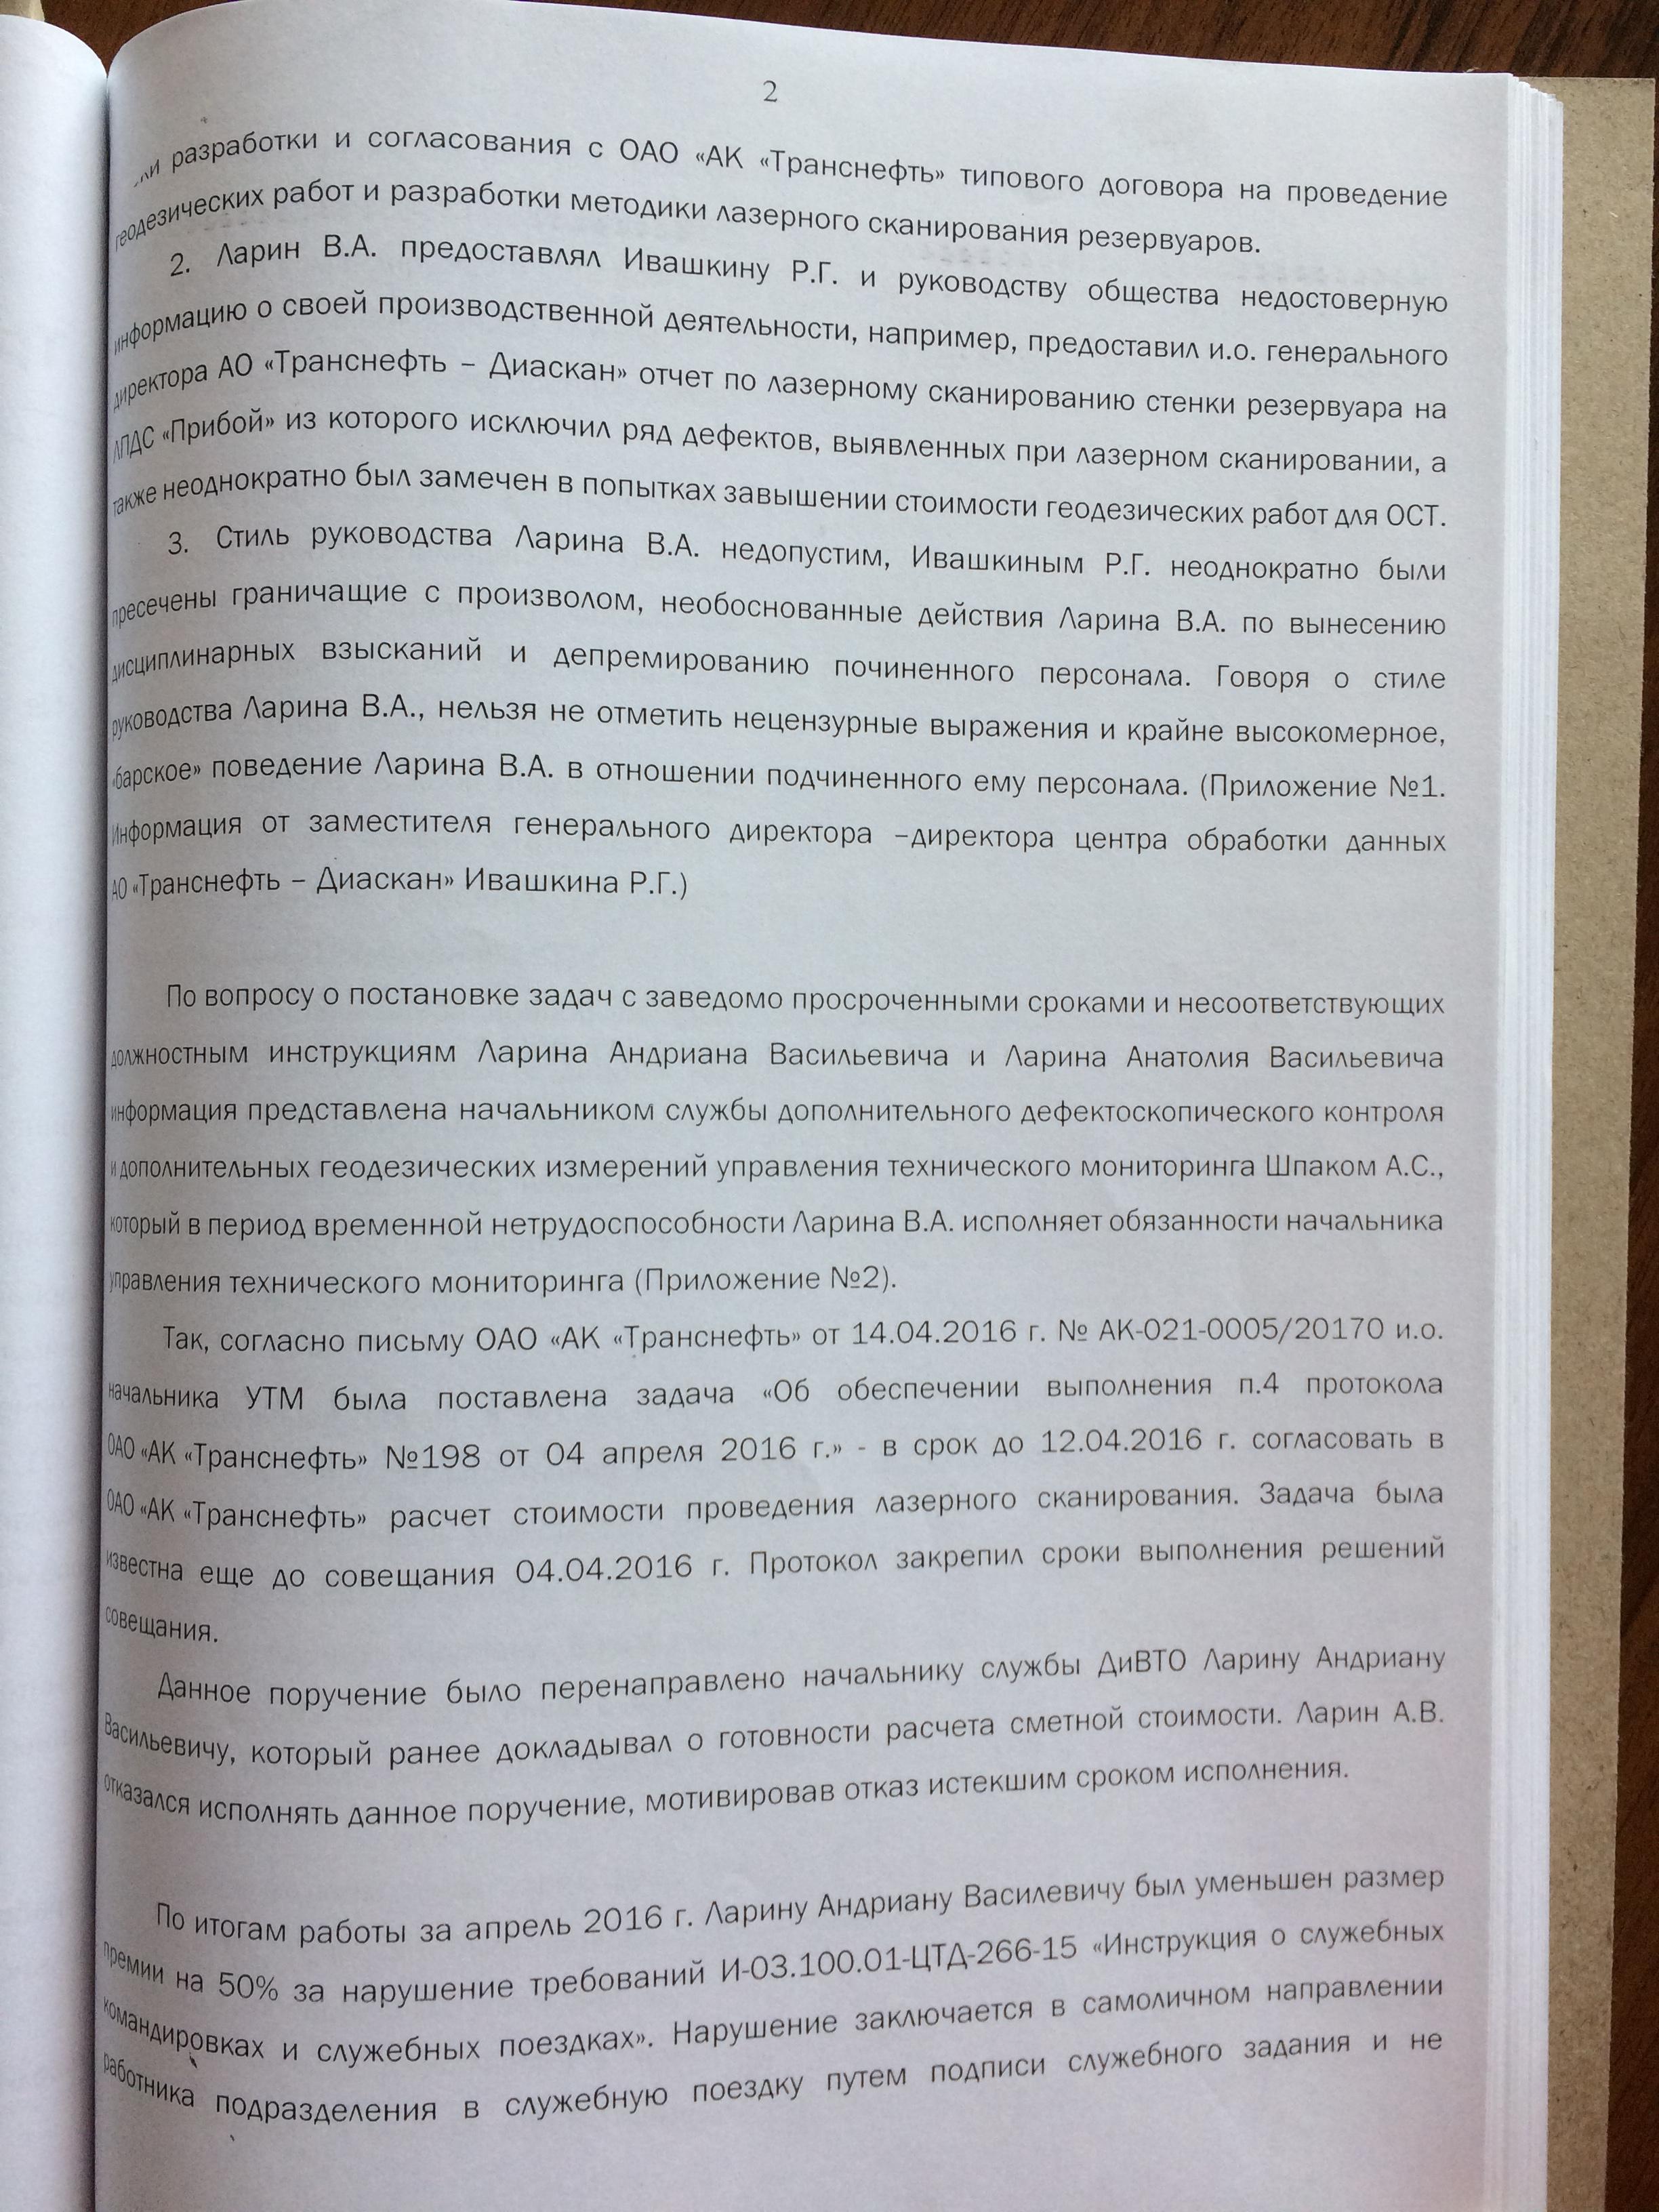 Фото документов проверки Луховицкой городской прокуратурой - 35 (5)